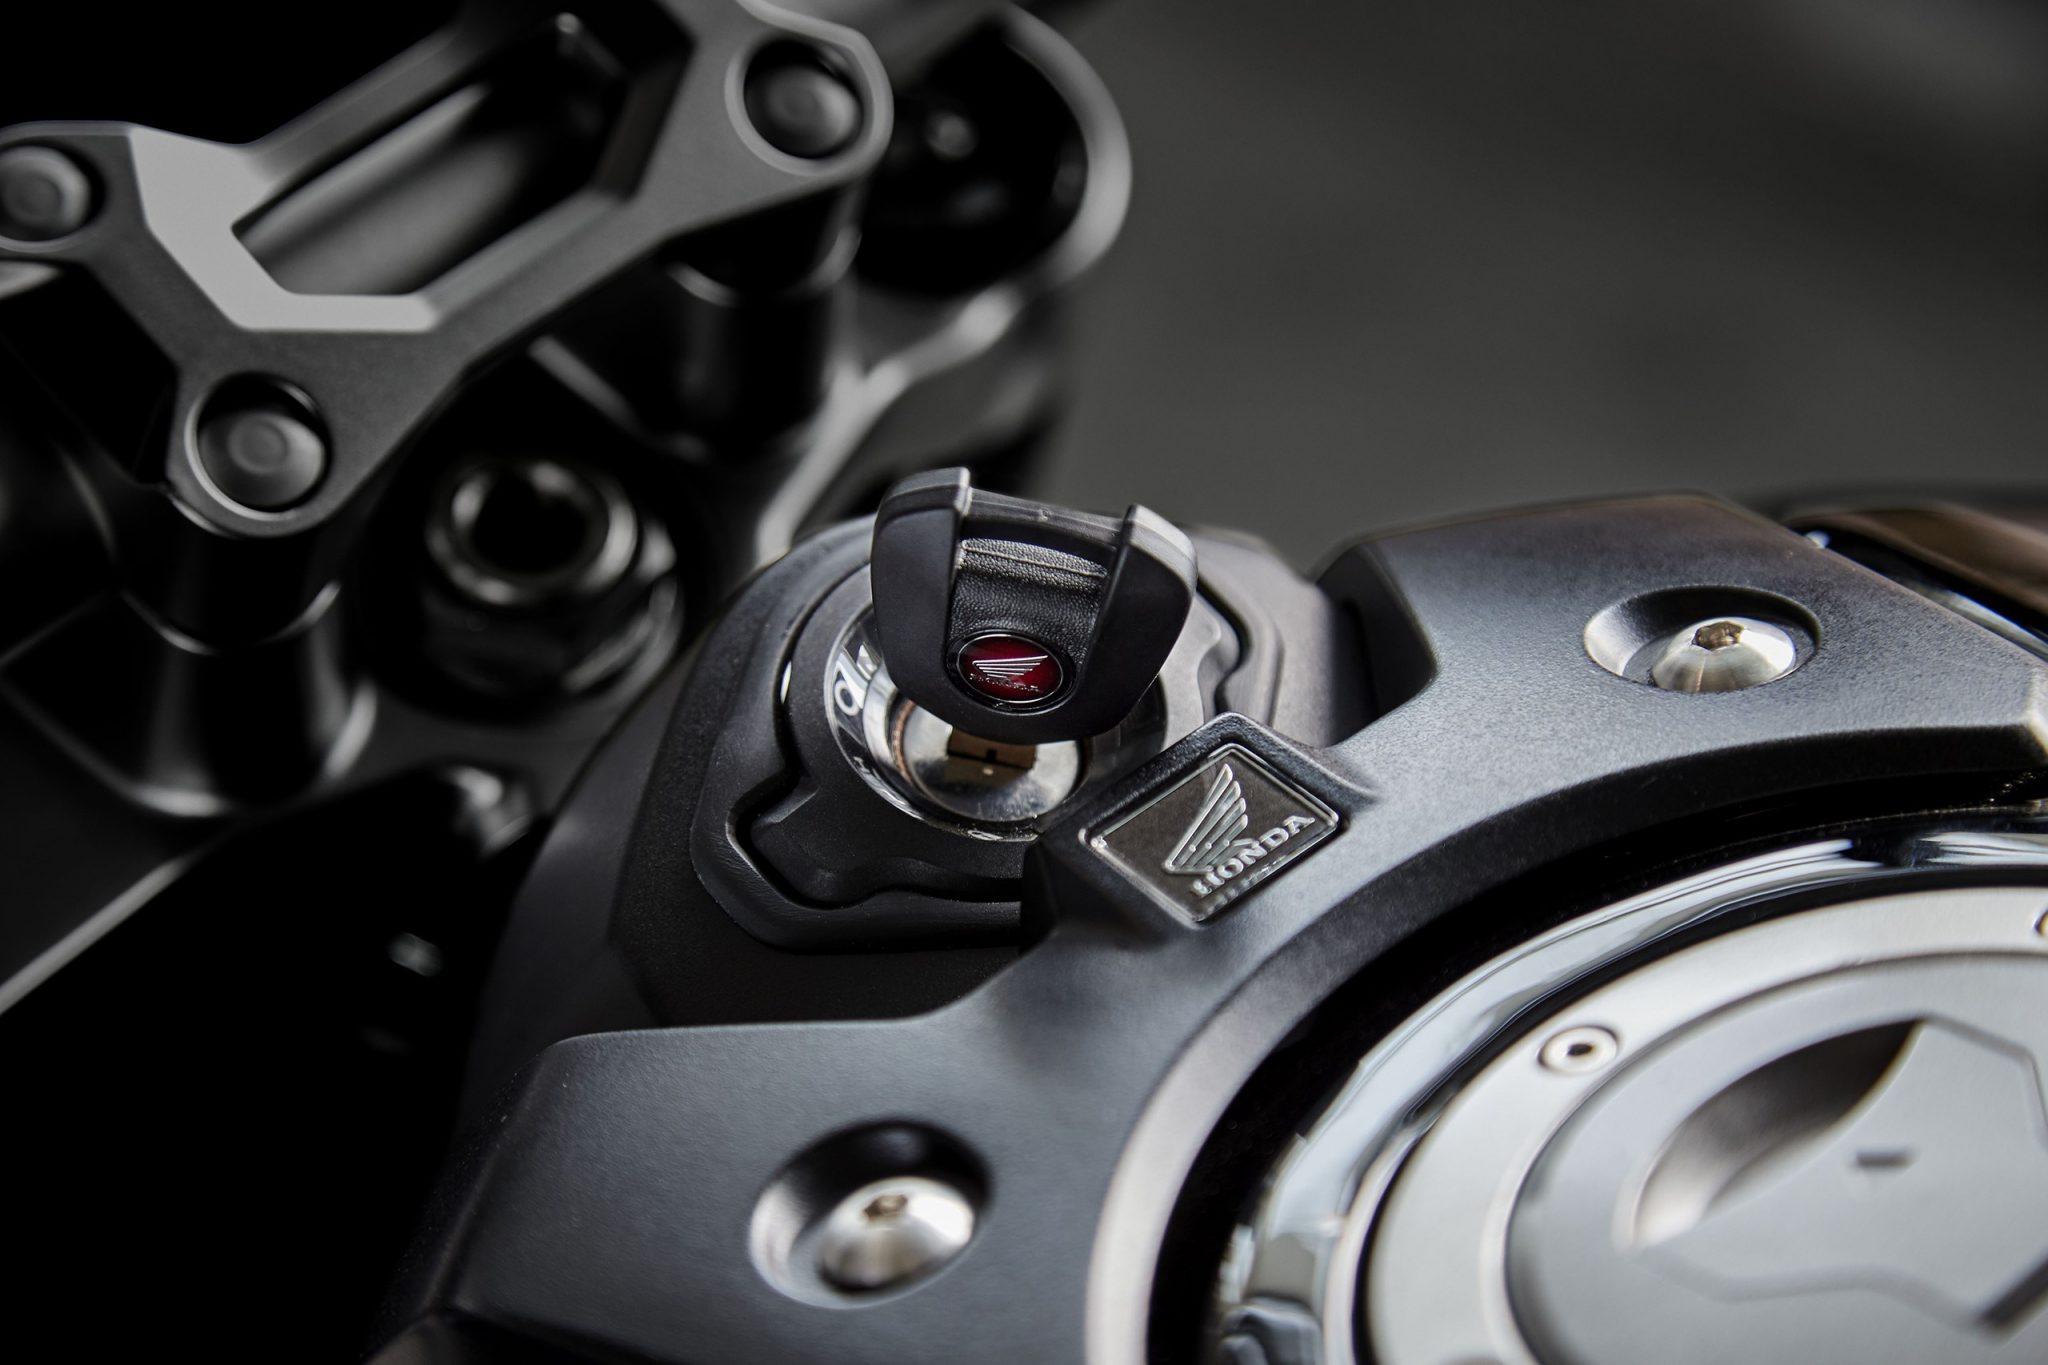 Honda Bike CB1000R 2018 bei Auto Stahl Schlüssel Zündschloss